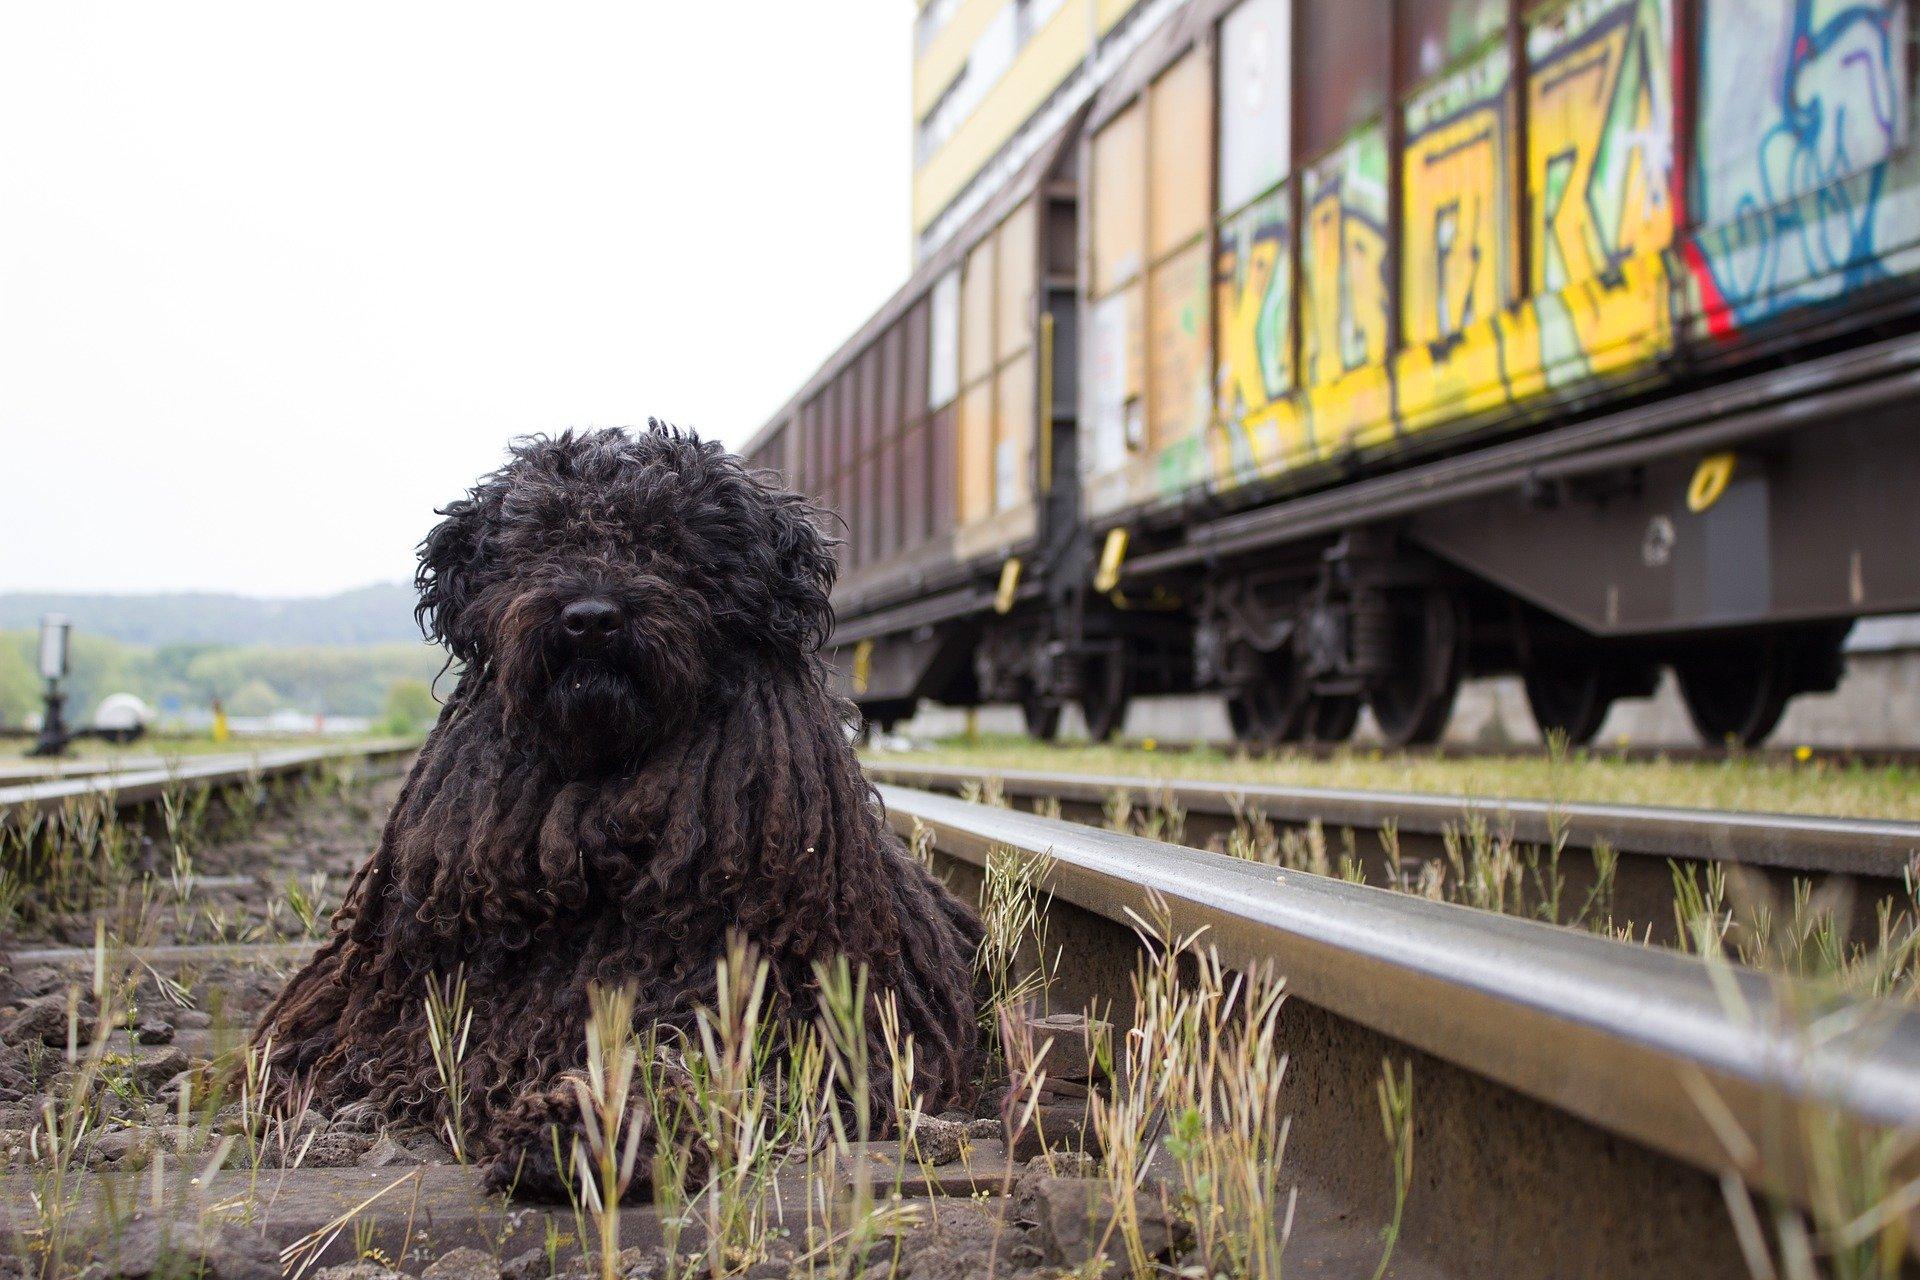 Viaggio in treno con il cane: alcuni consigli utili